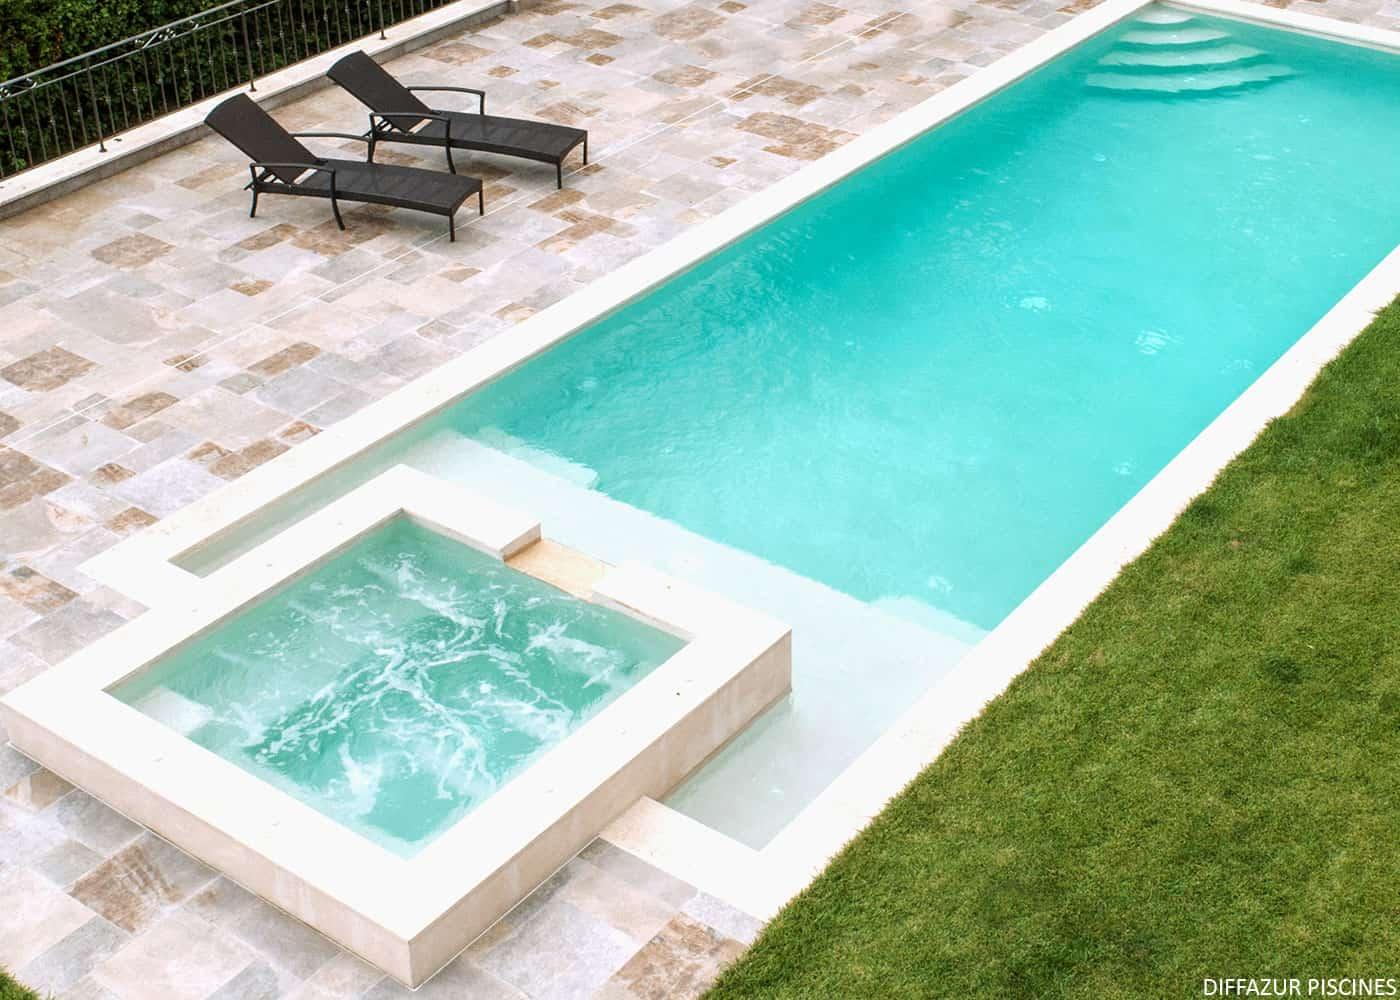 La piscine : un phénomène de société qui se confirme en France